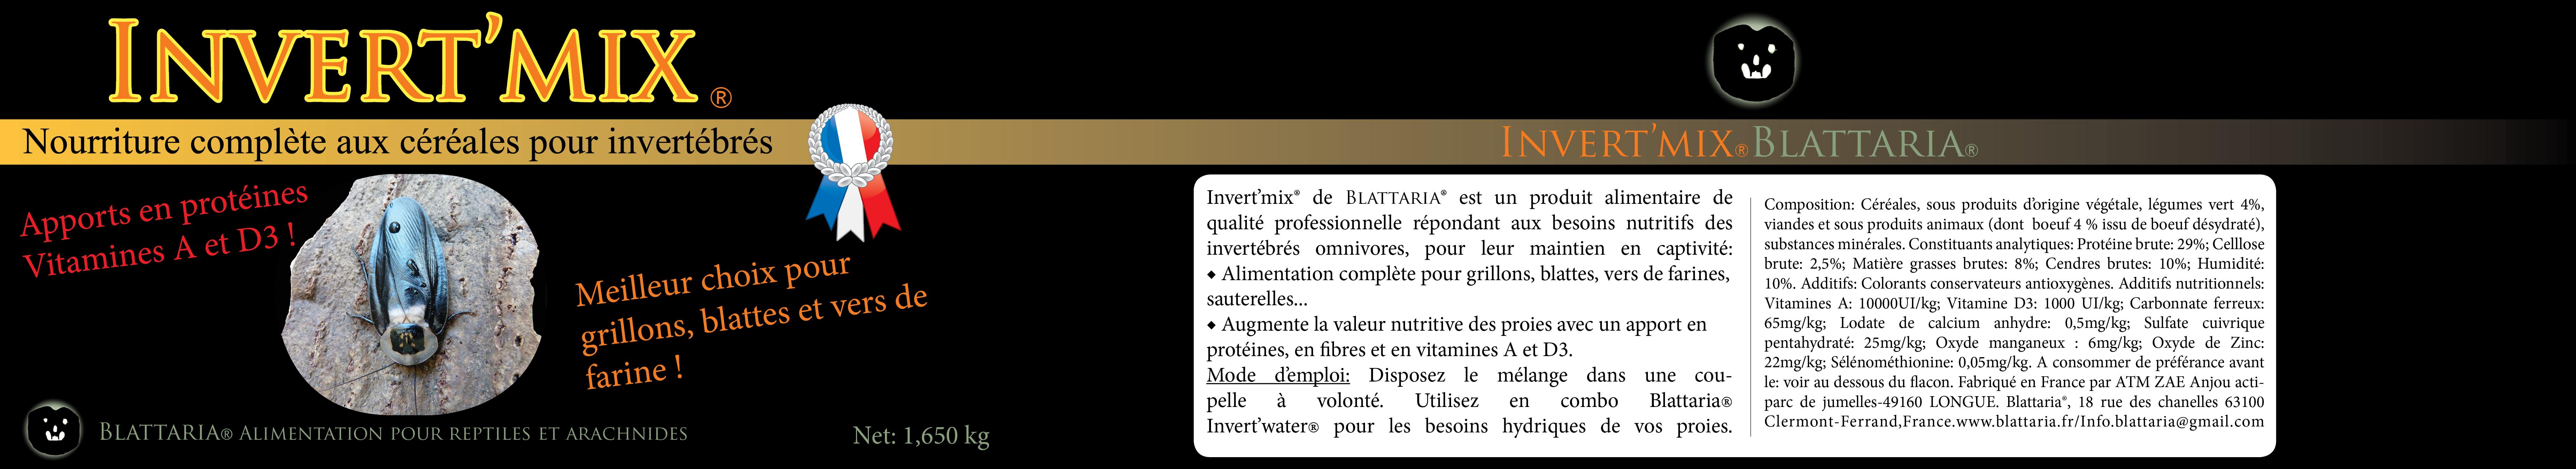 Invert-mix-nourriture-insectes-grillons-blattes-vers-de-farine-protéines-vitamines-D3-légumes